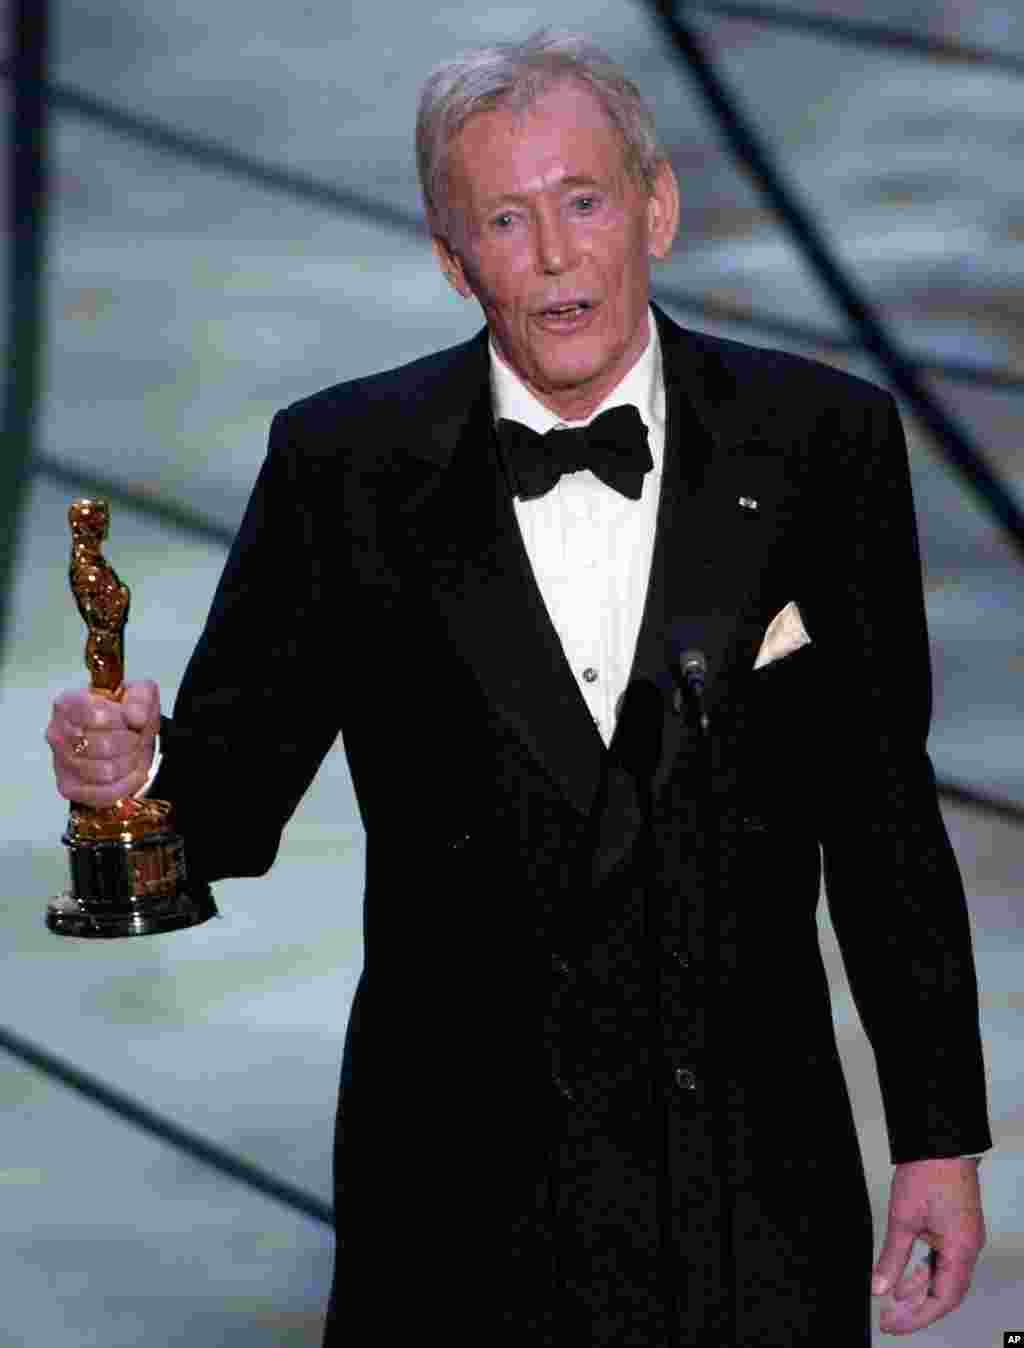 پیتر اوتول در هفتادوپنجمین مراسم اسکار، جایزه اسکار افتخاری برای یک عمر فعالیت هنری دریافت کرد. 23 مارس 2003